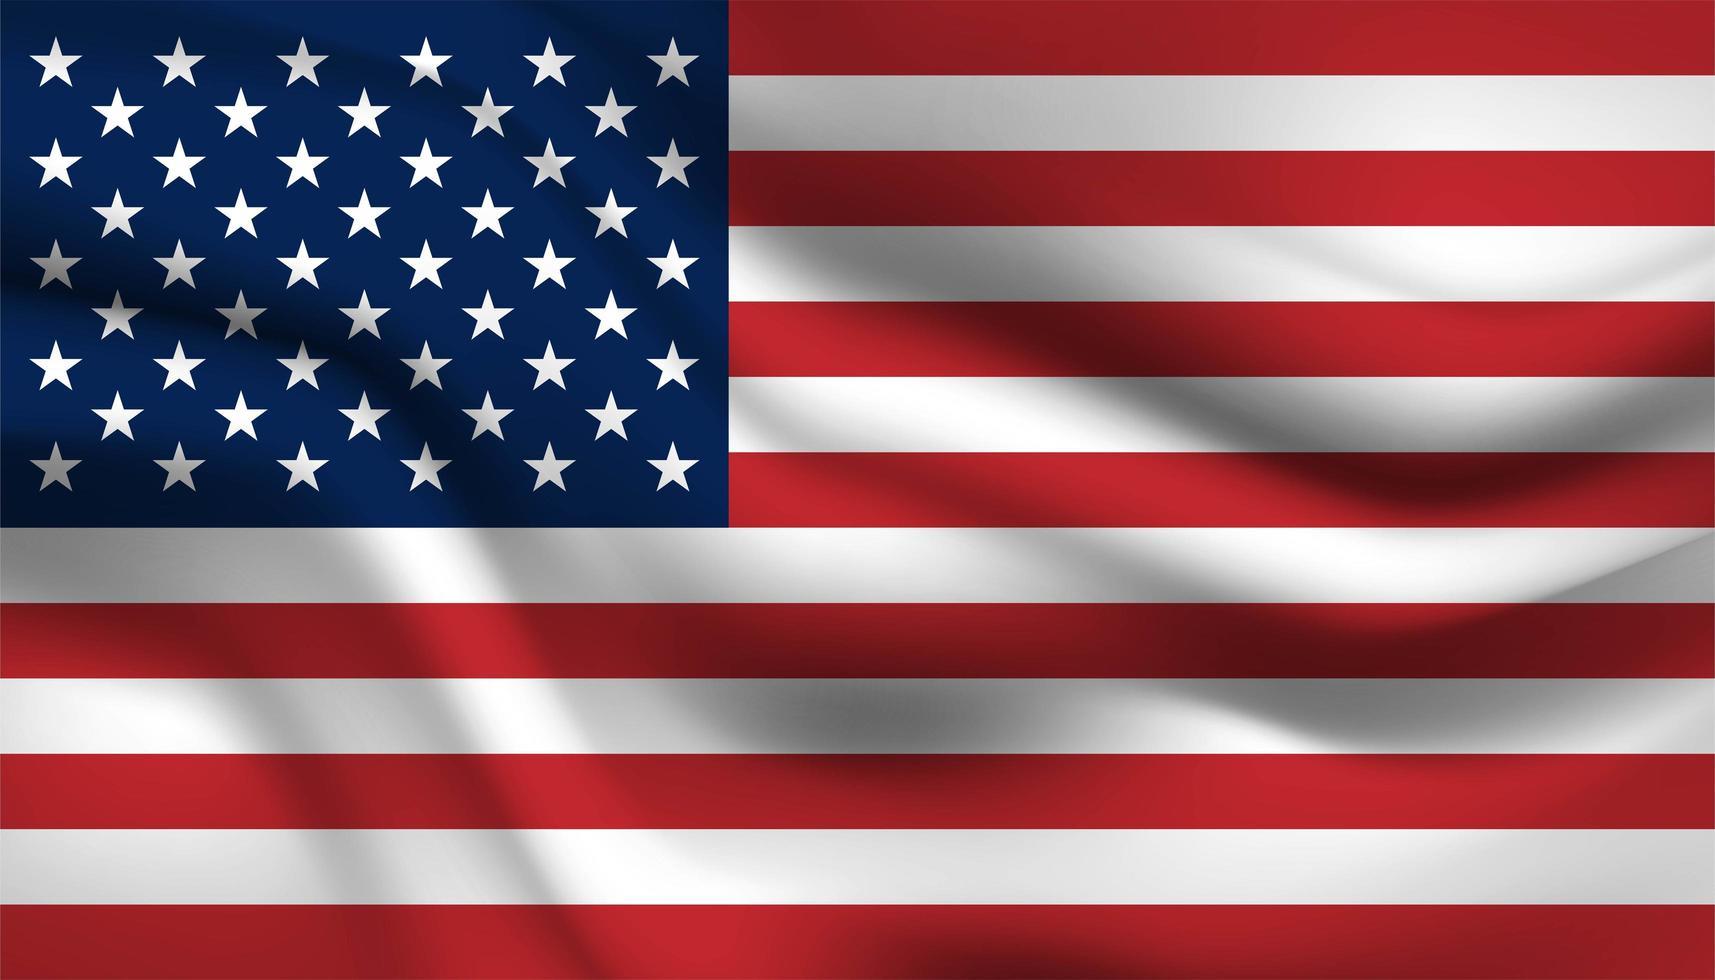 Förenta staterna flagga vektor